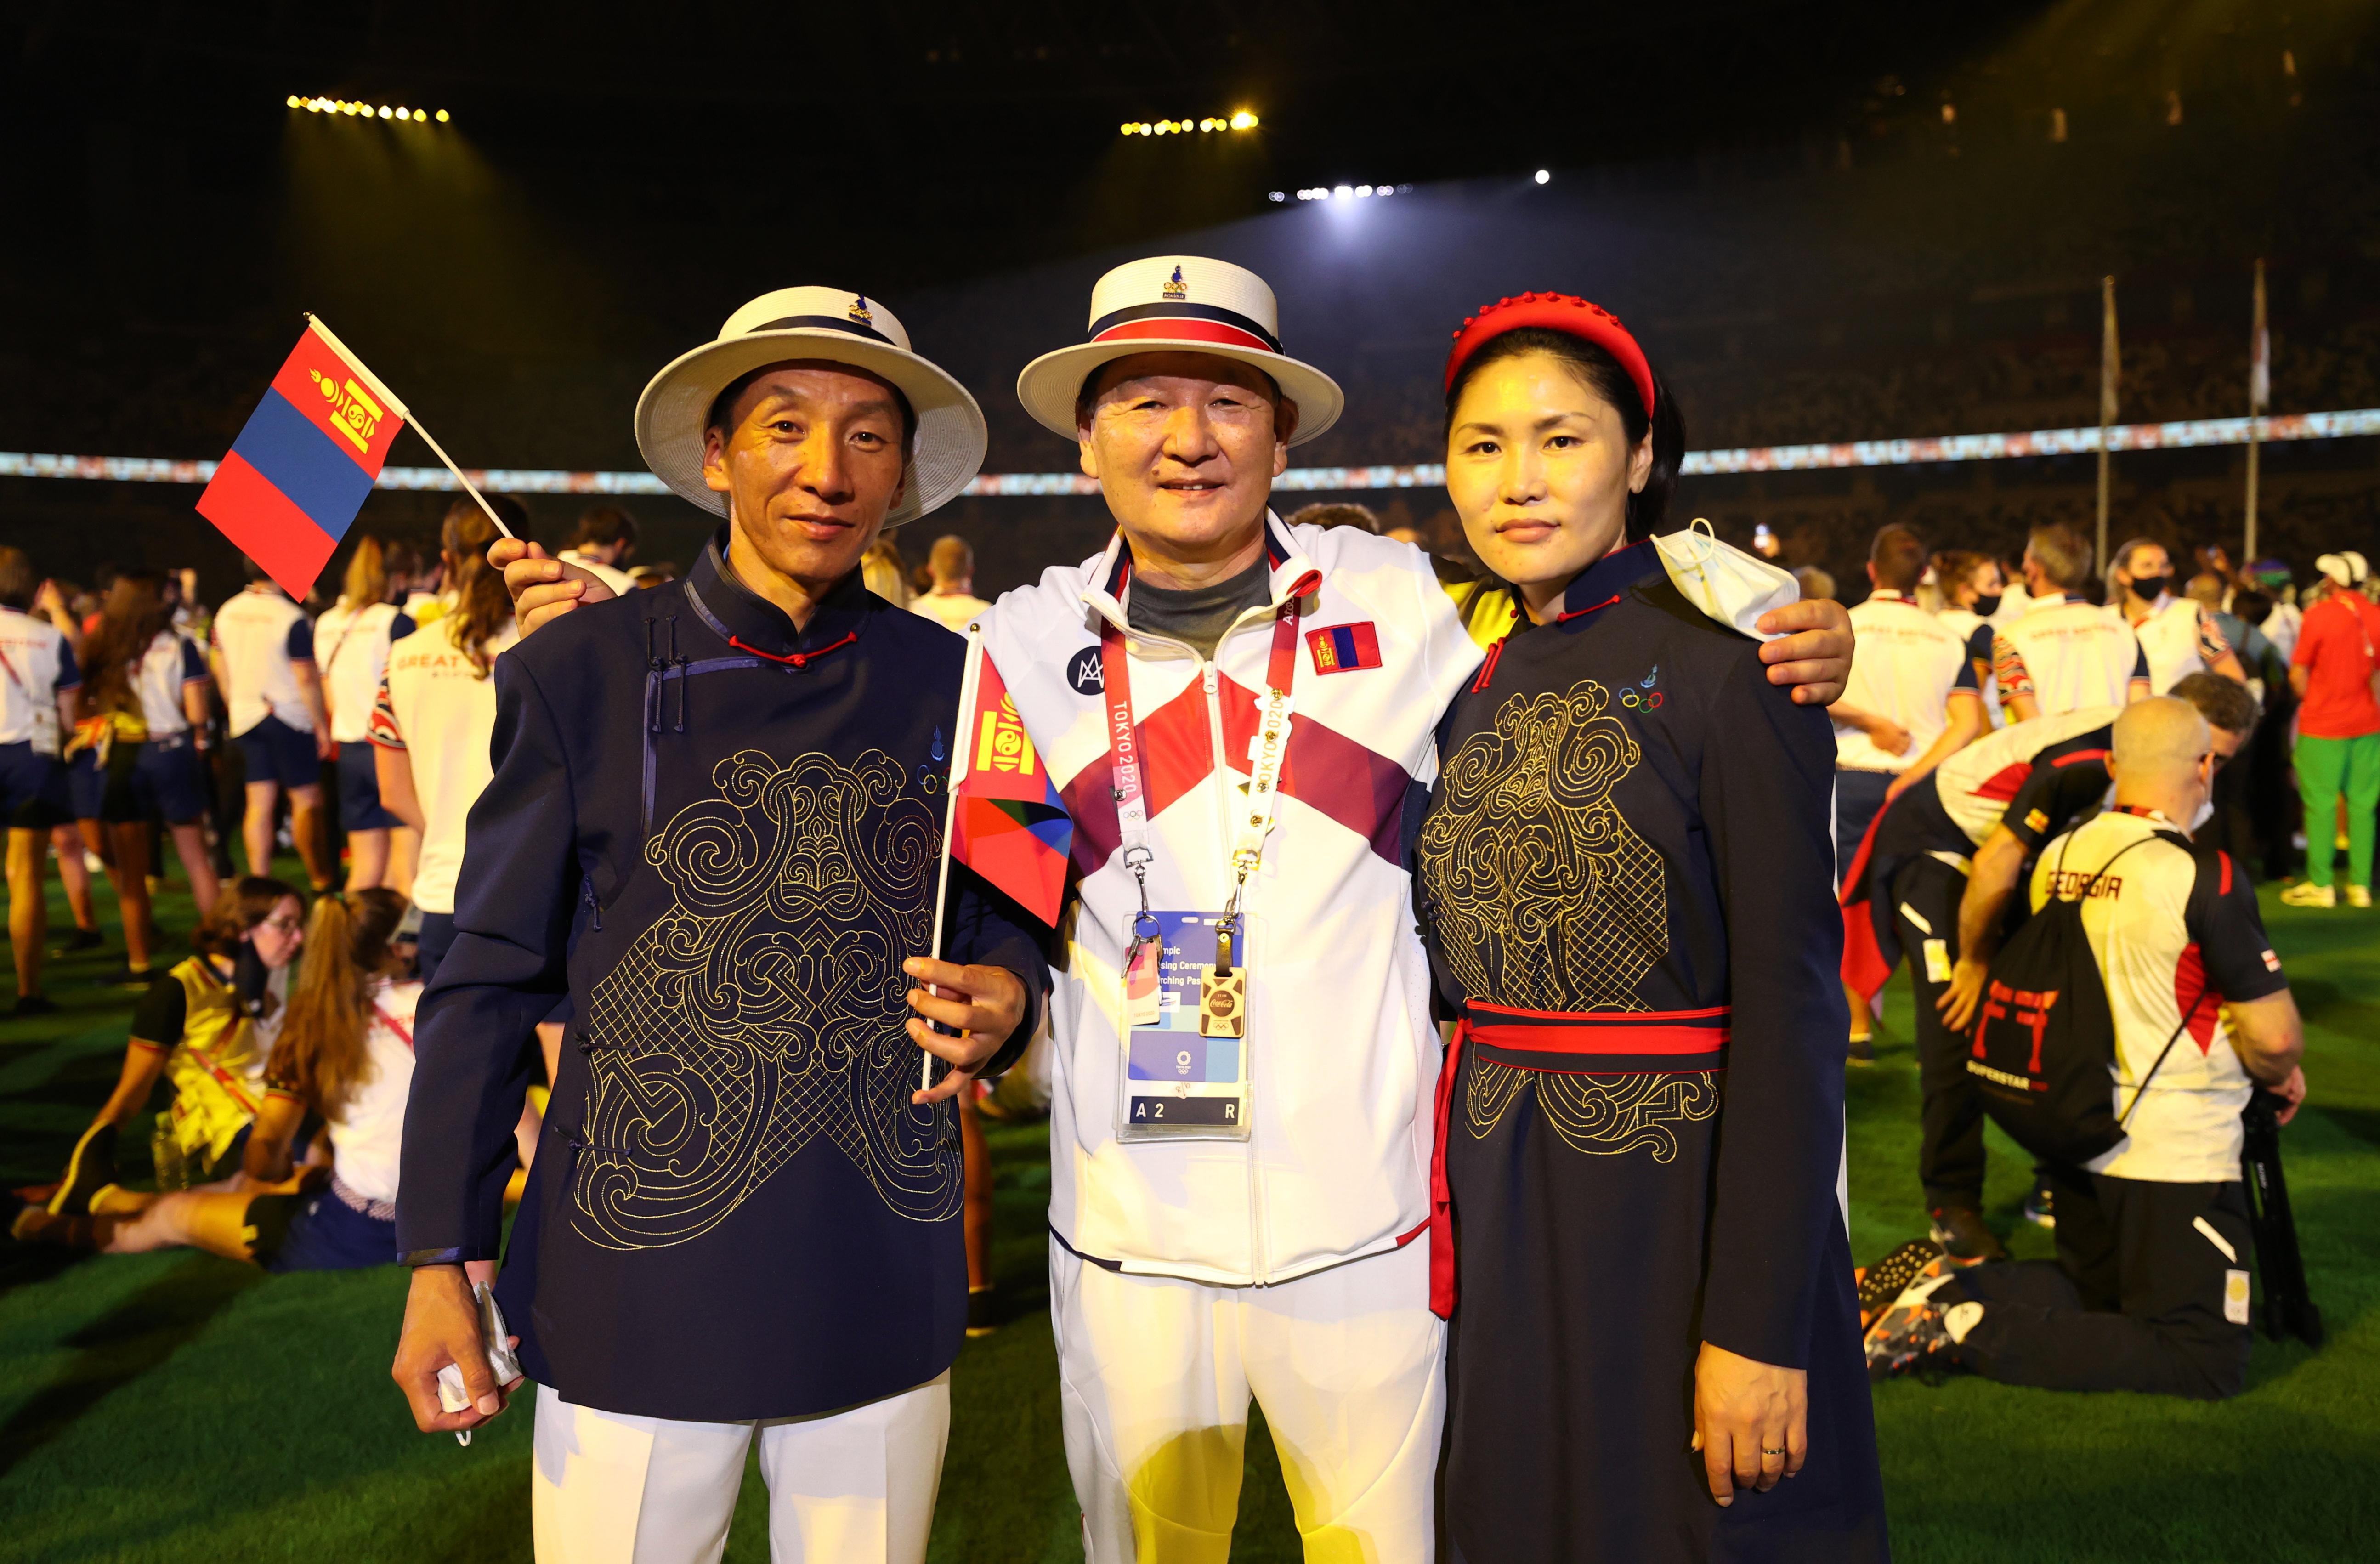 मंगोलिया ने भी इस ओलिंपिक में हिस्सा लिया था। कार्यक्रम में उनके खिलाड़ियों ने भी हिस्सा लिया।